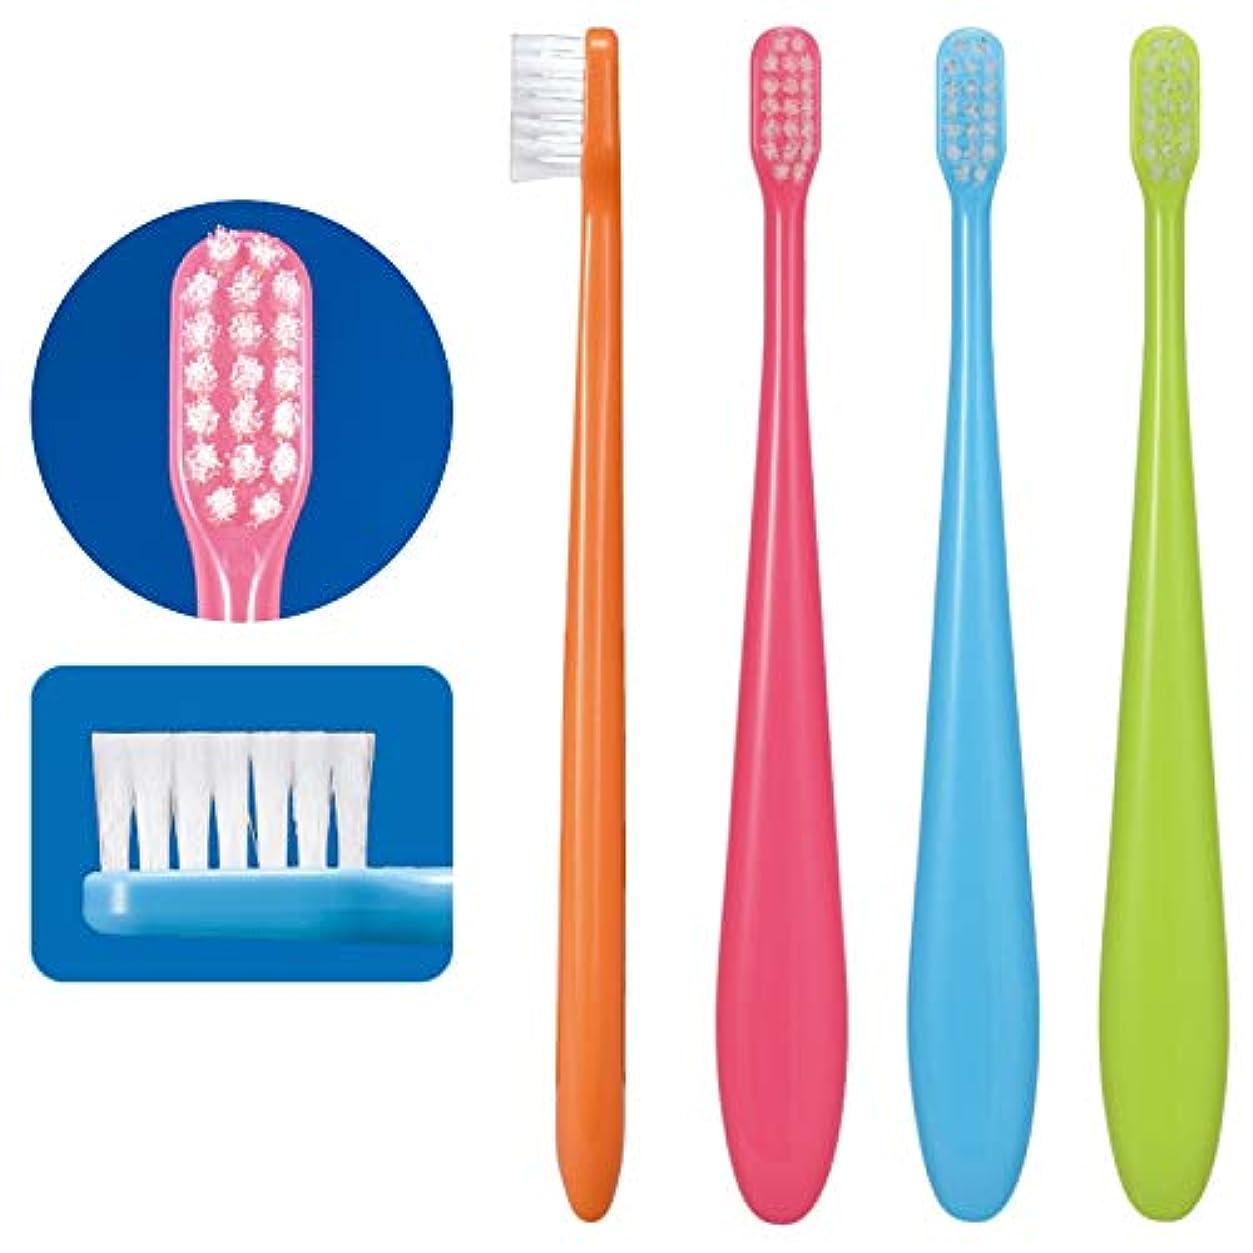 恥ずかしい令状ご覧くださいCi ミニ歯ブラシ ミディミルキー 20本 M(ふつう) 歯科専売品 日本製